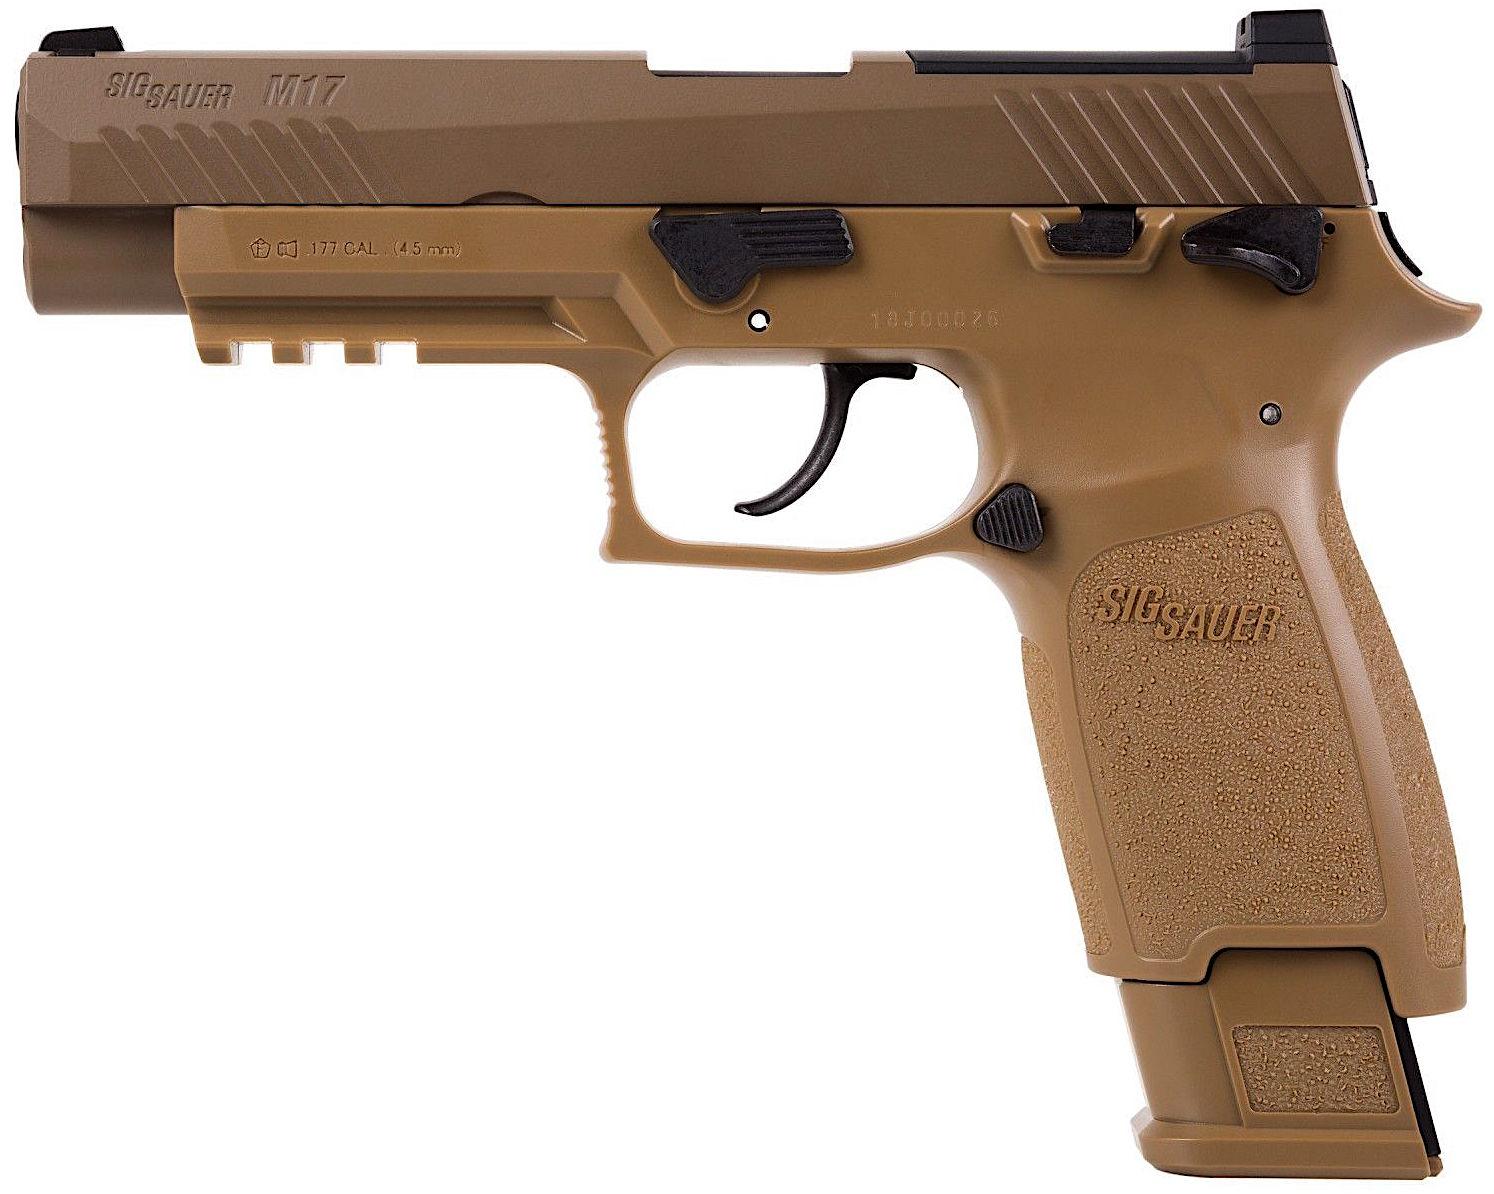 SIG Sauer M17 Blowback Pellet Pistol Left Side.jpg